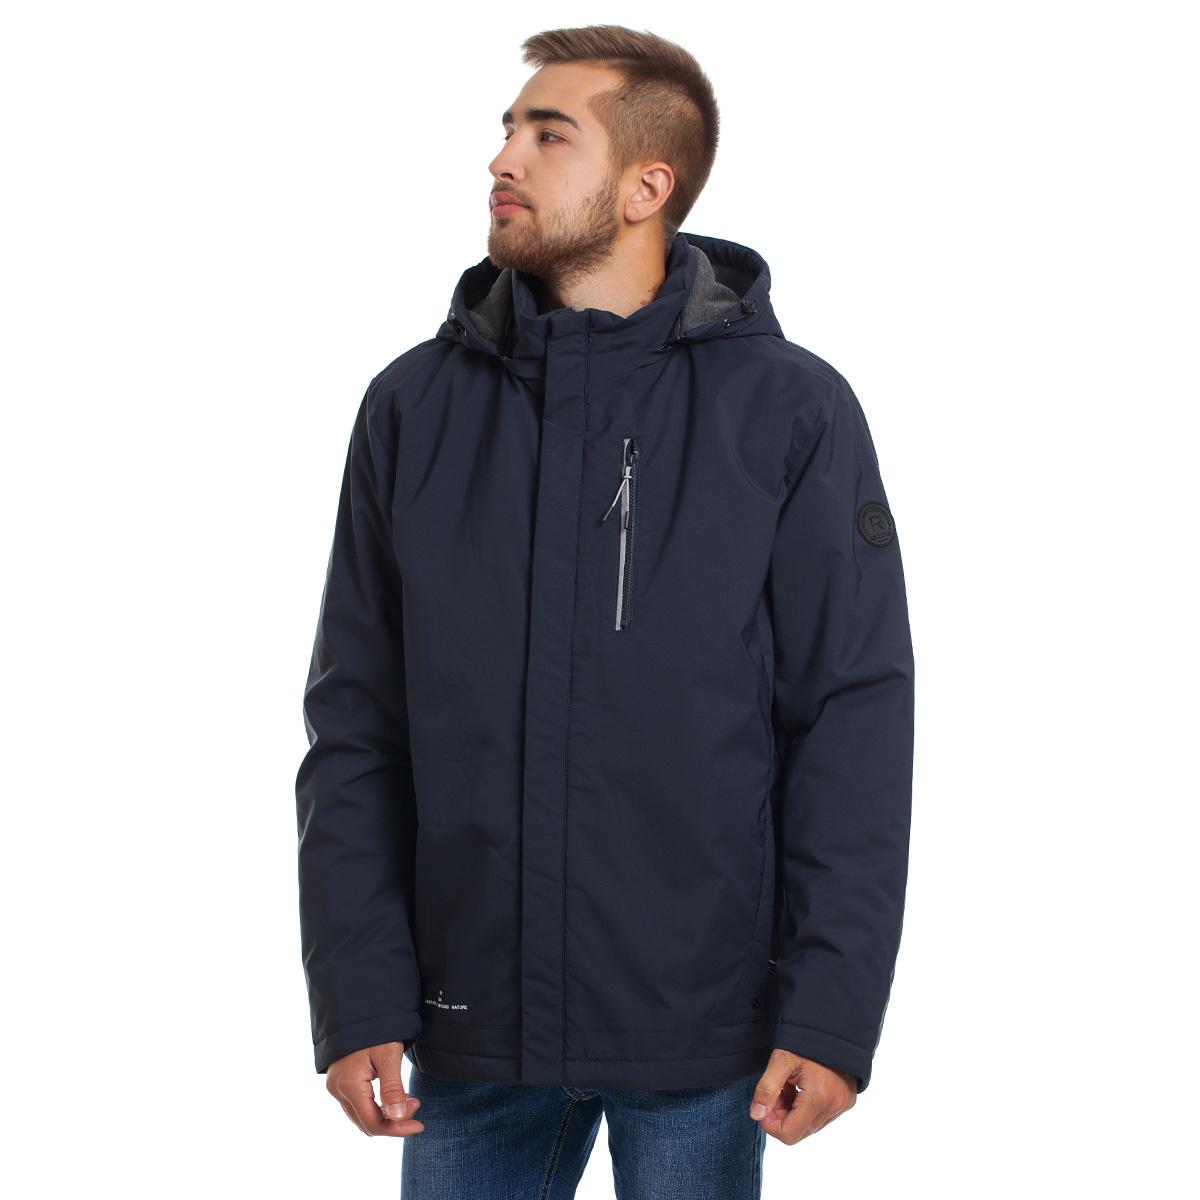 Куртка демисезонная Remain, 8377-1